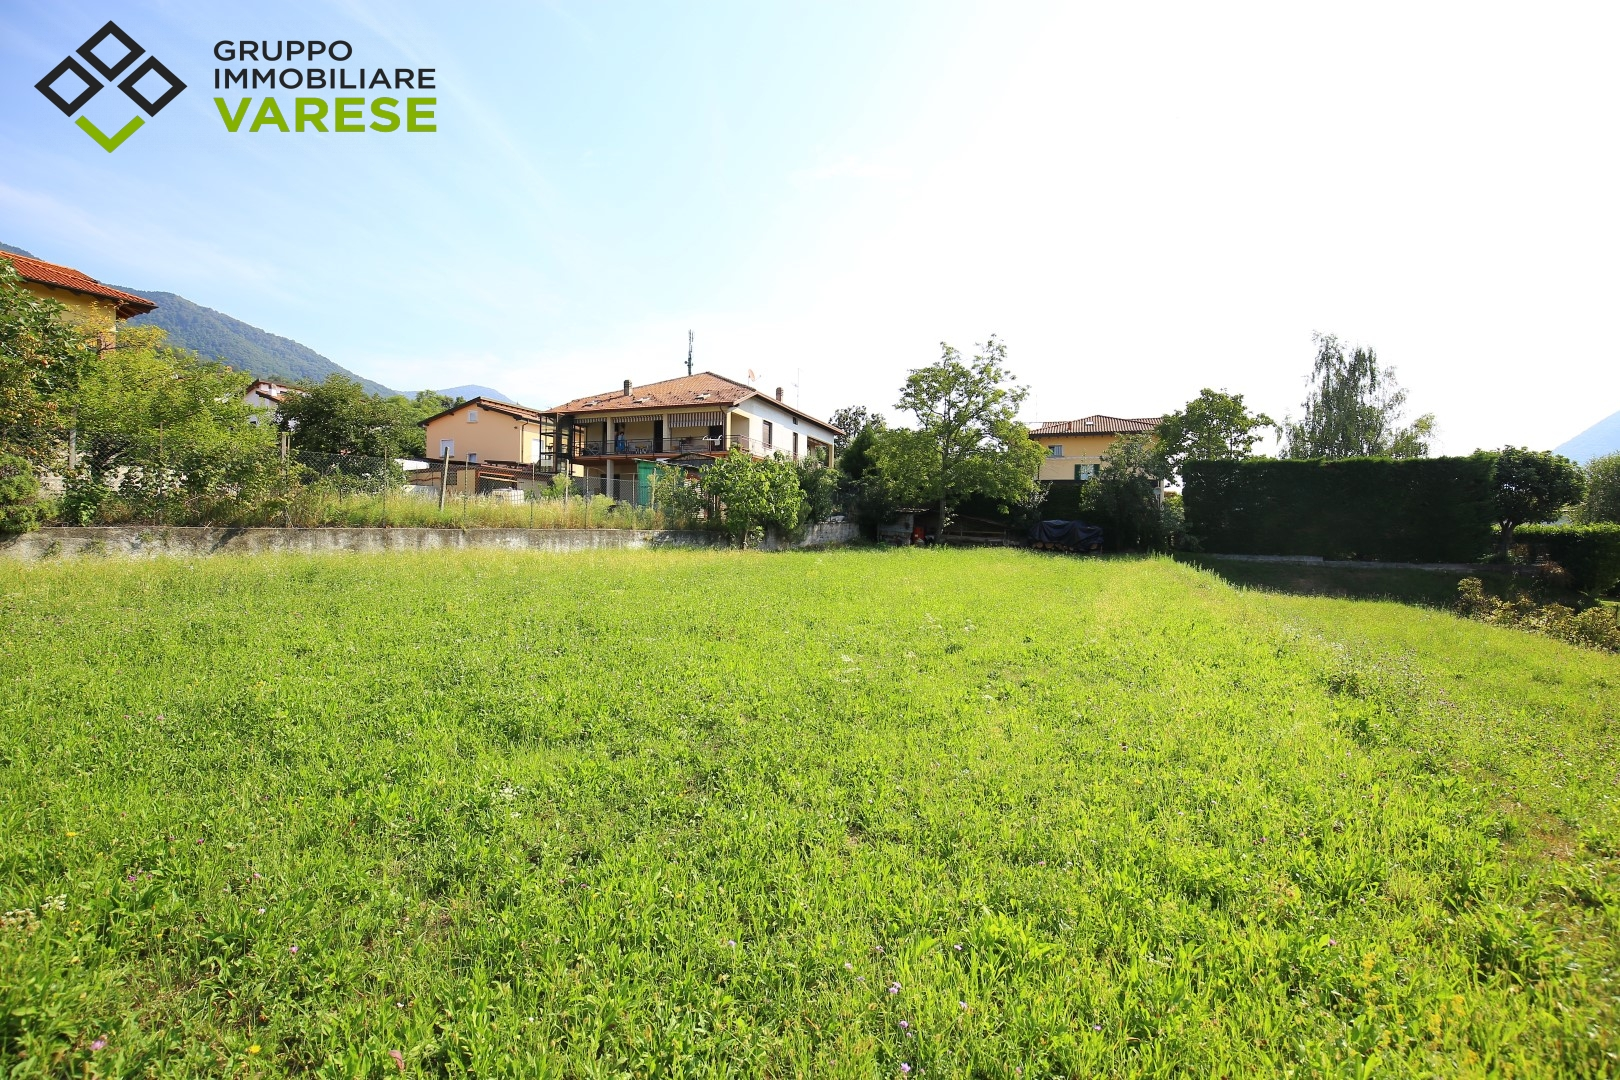 Terreno Edificabile Residenziale in vendita a Brenta, 9999 locali, zona Località: SanQuirico, prezzo € 92.000   CambioCasa.it